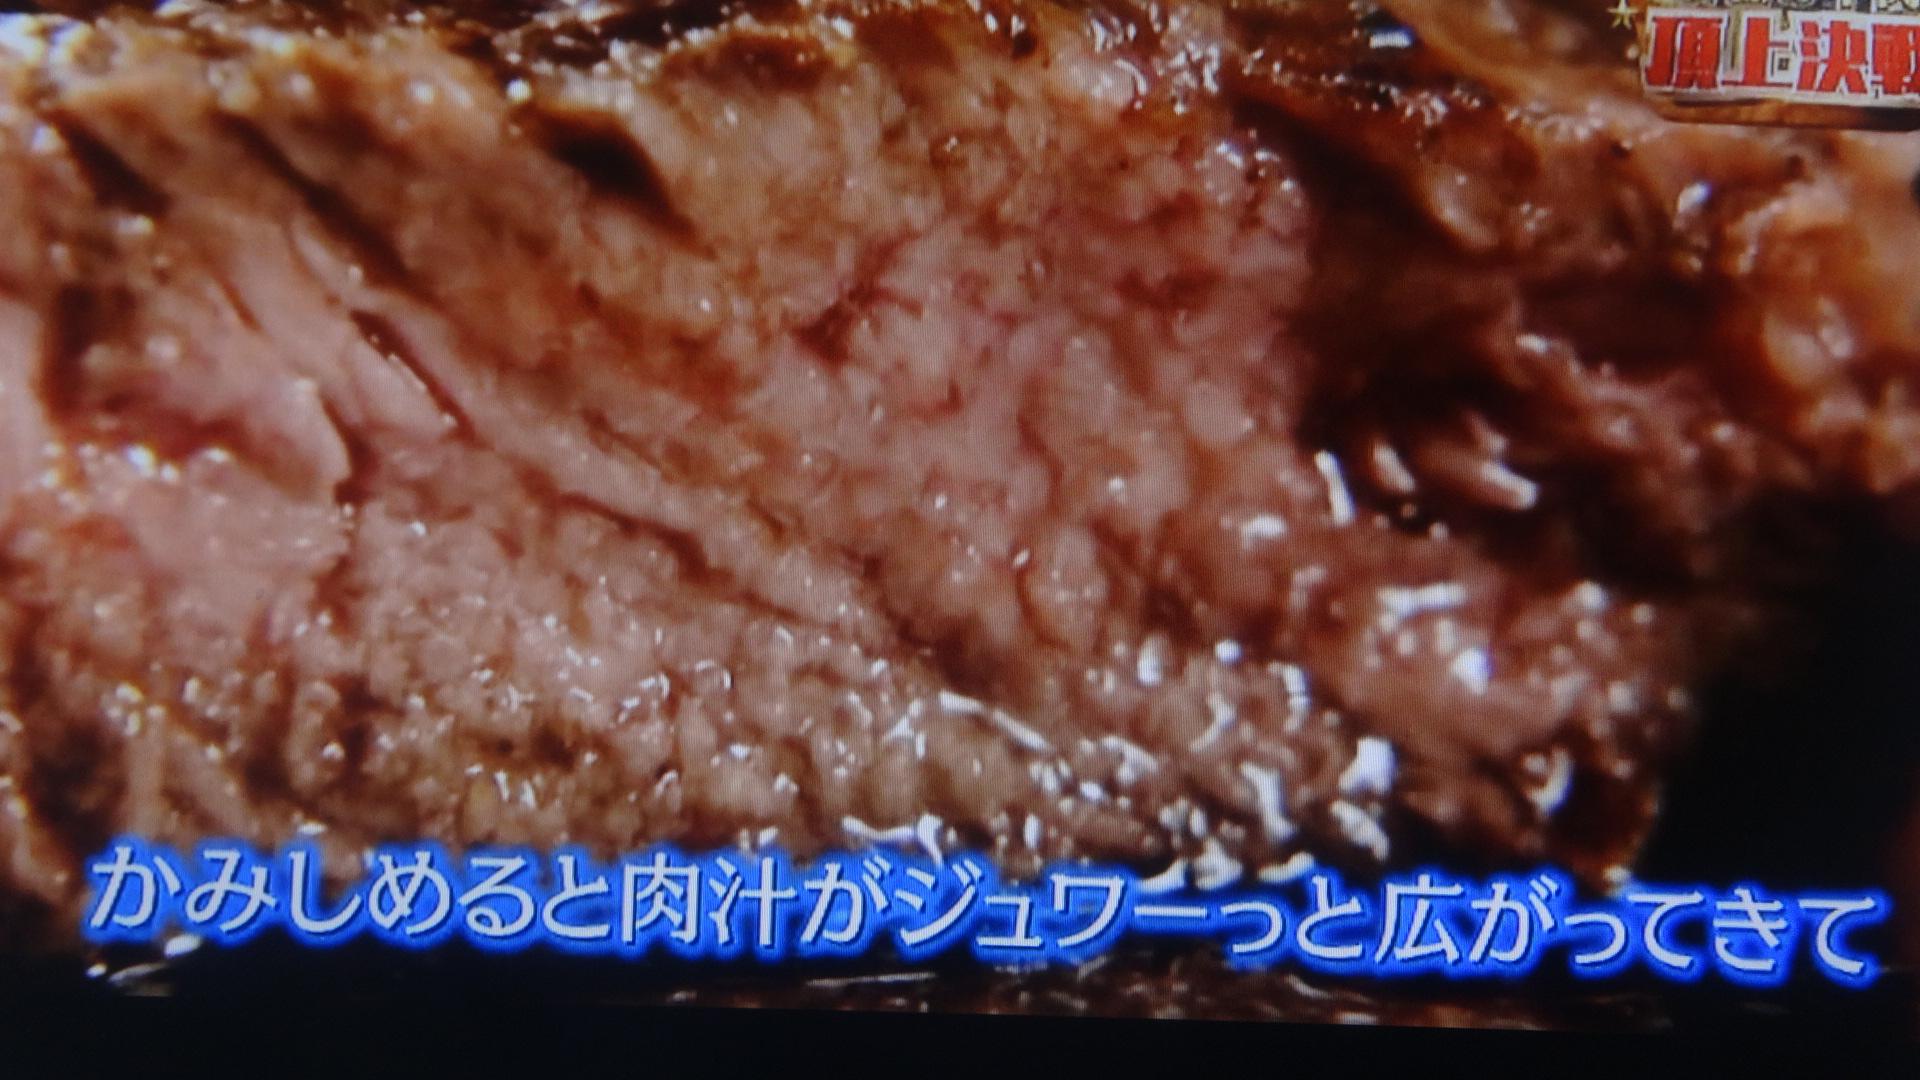 コシードで焼いたお肉の断面